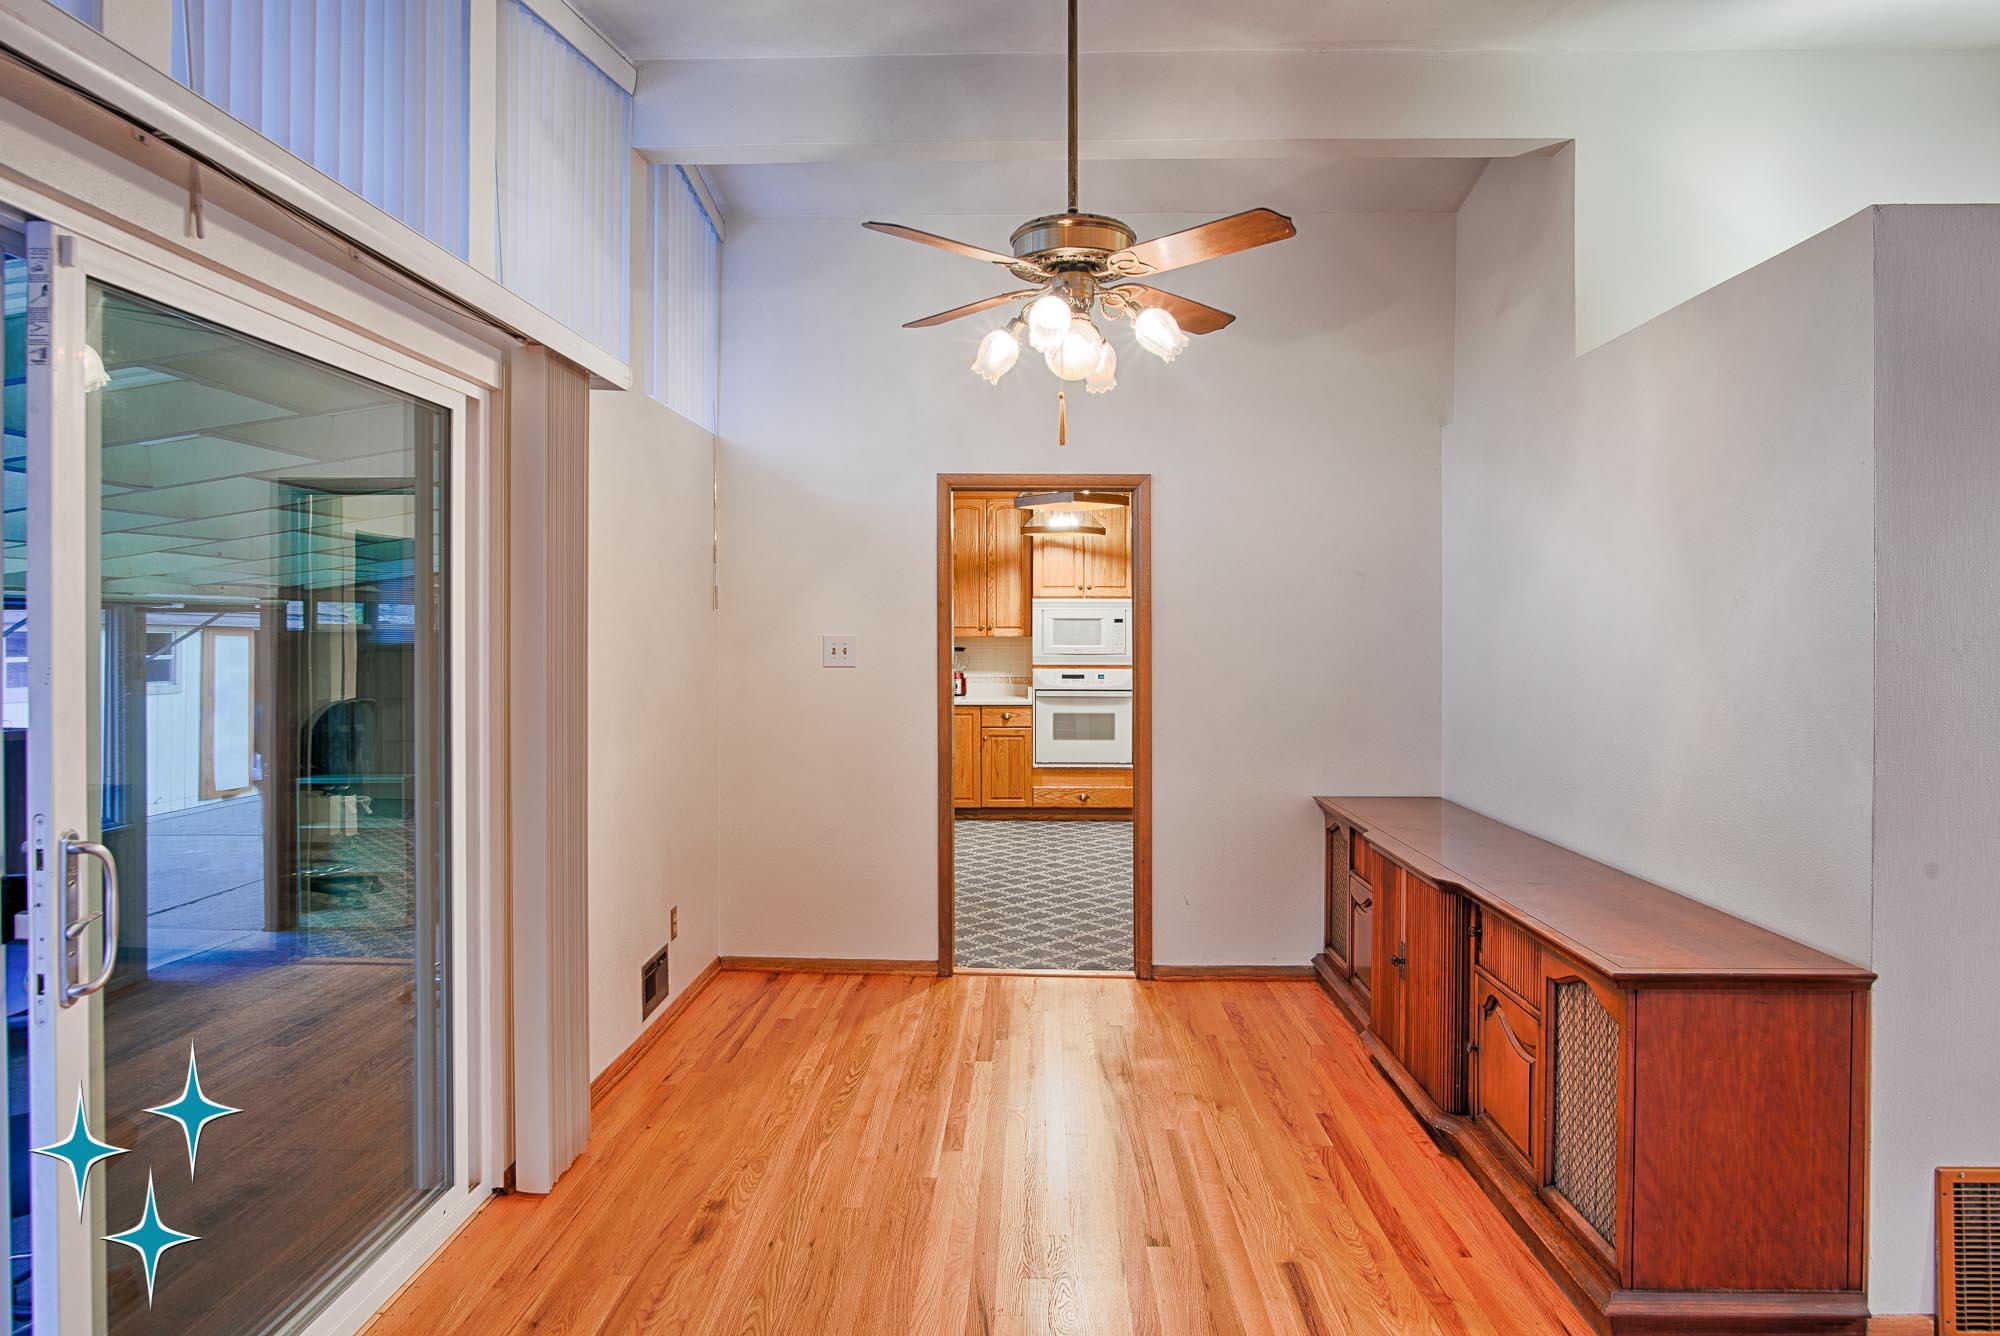 Adrian-Kinney-4155-W-Iliff-Avenue-Denver-r-Carey-Holiday-Home-2000w50-3SWM-11.jpg